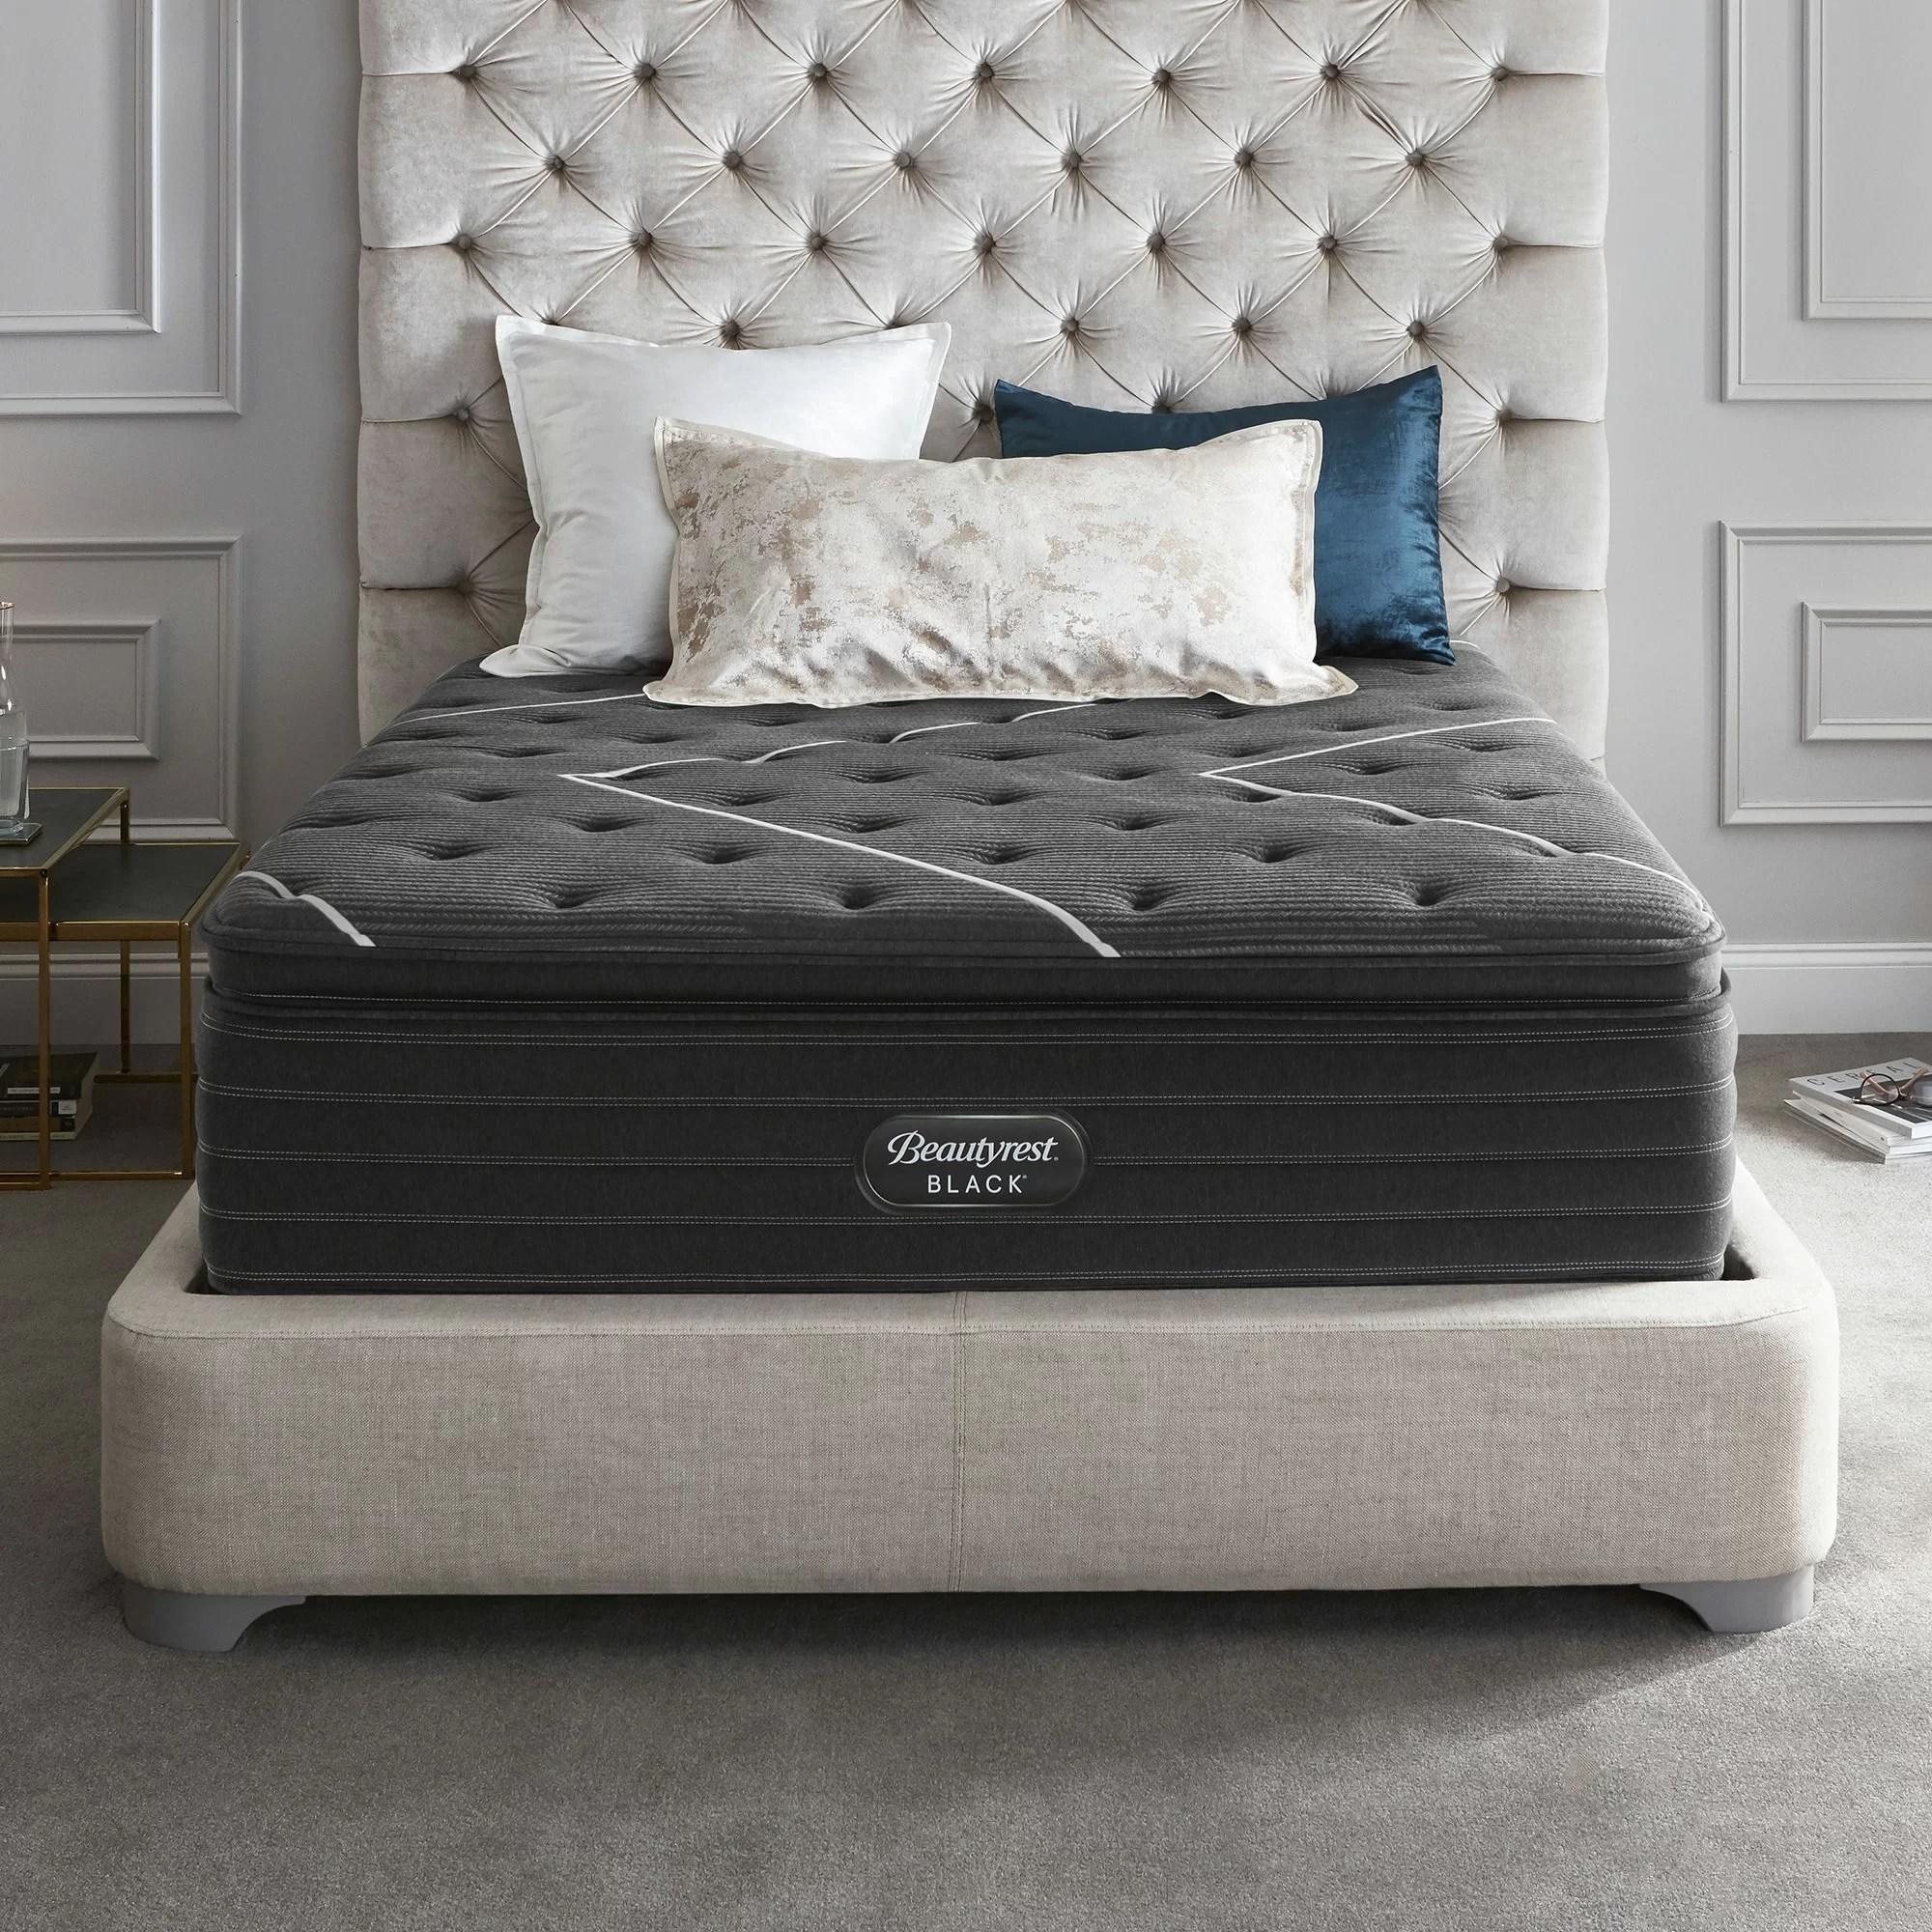 beautyrest silver 17 5 firm pillow top mattress and box spring set